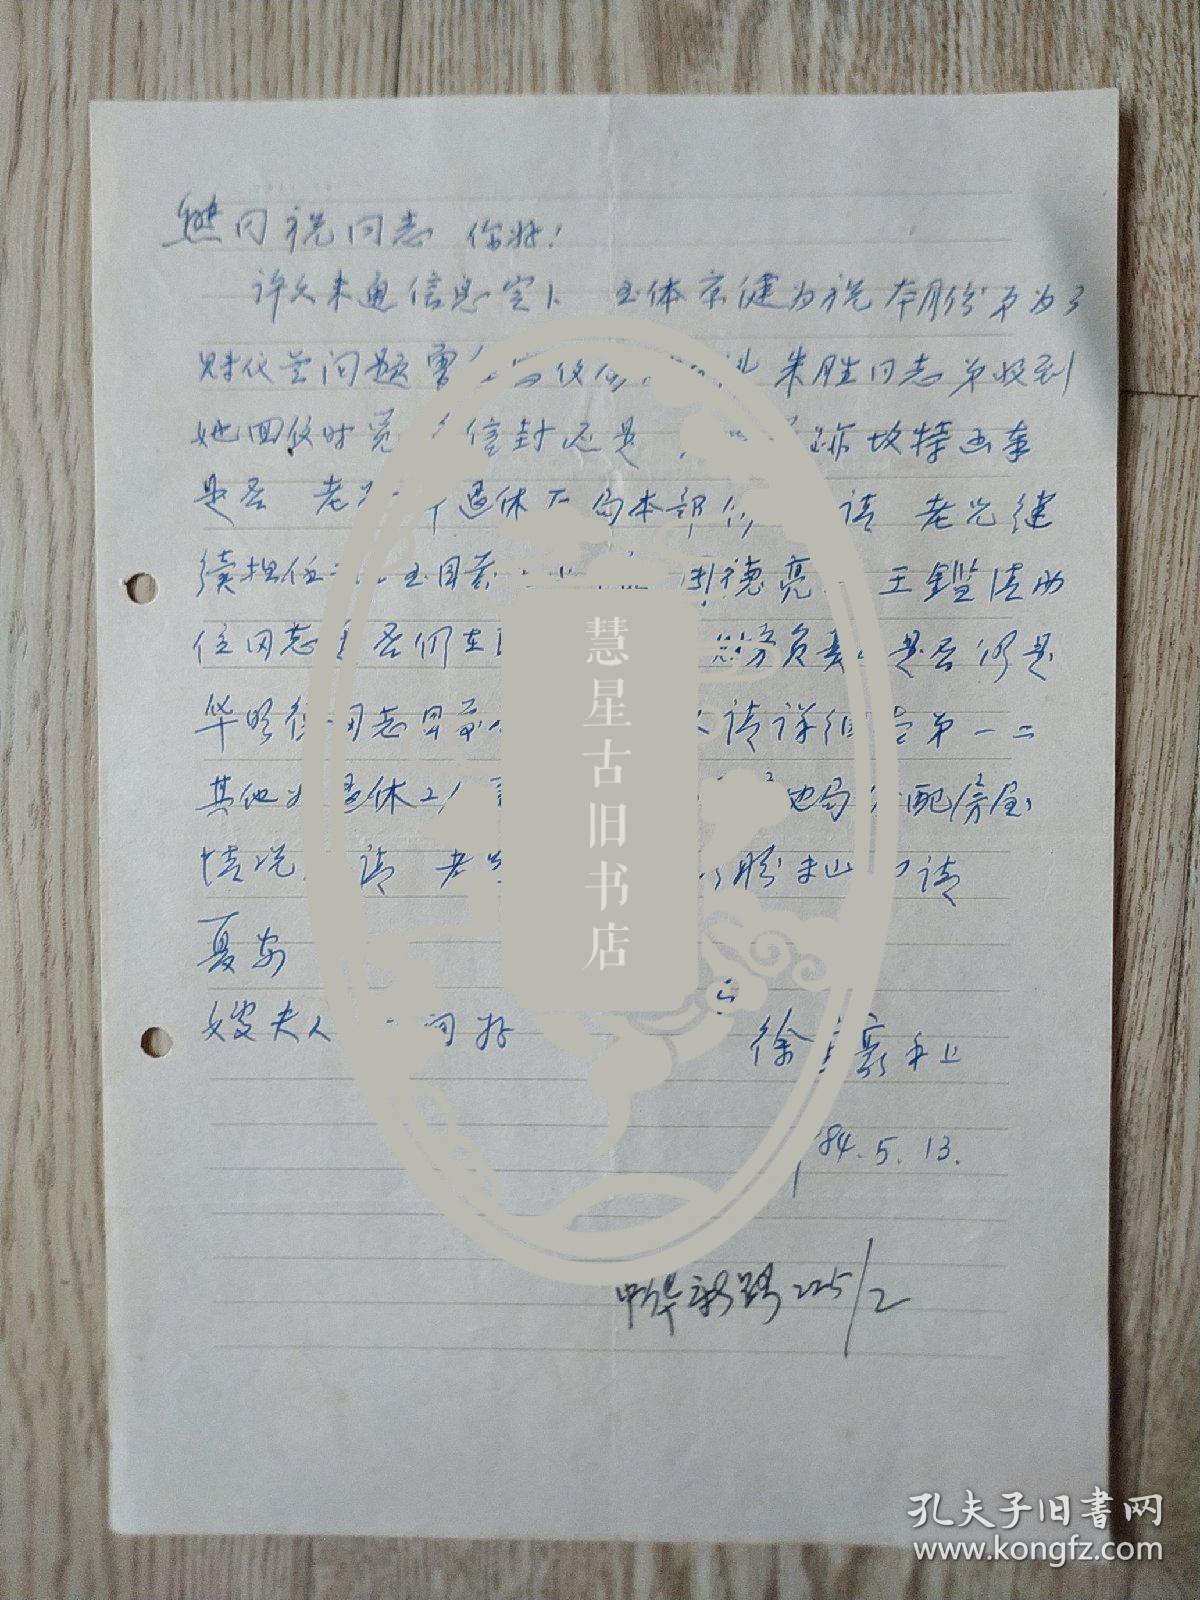 徐重豪致熊同祝信札一页。